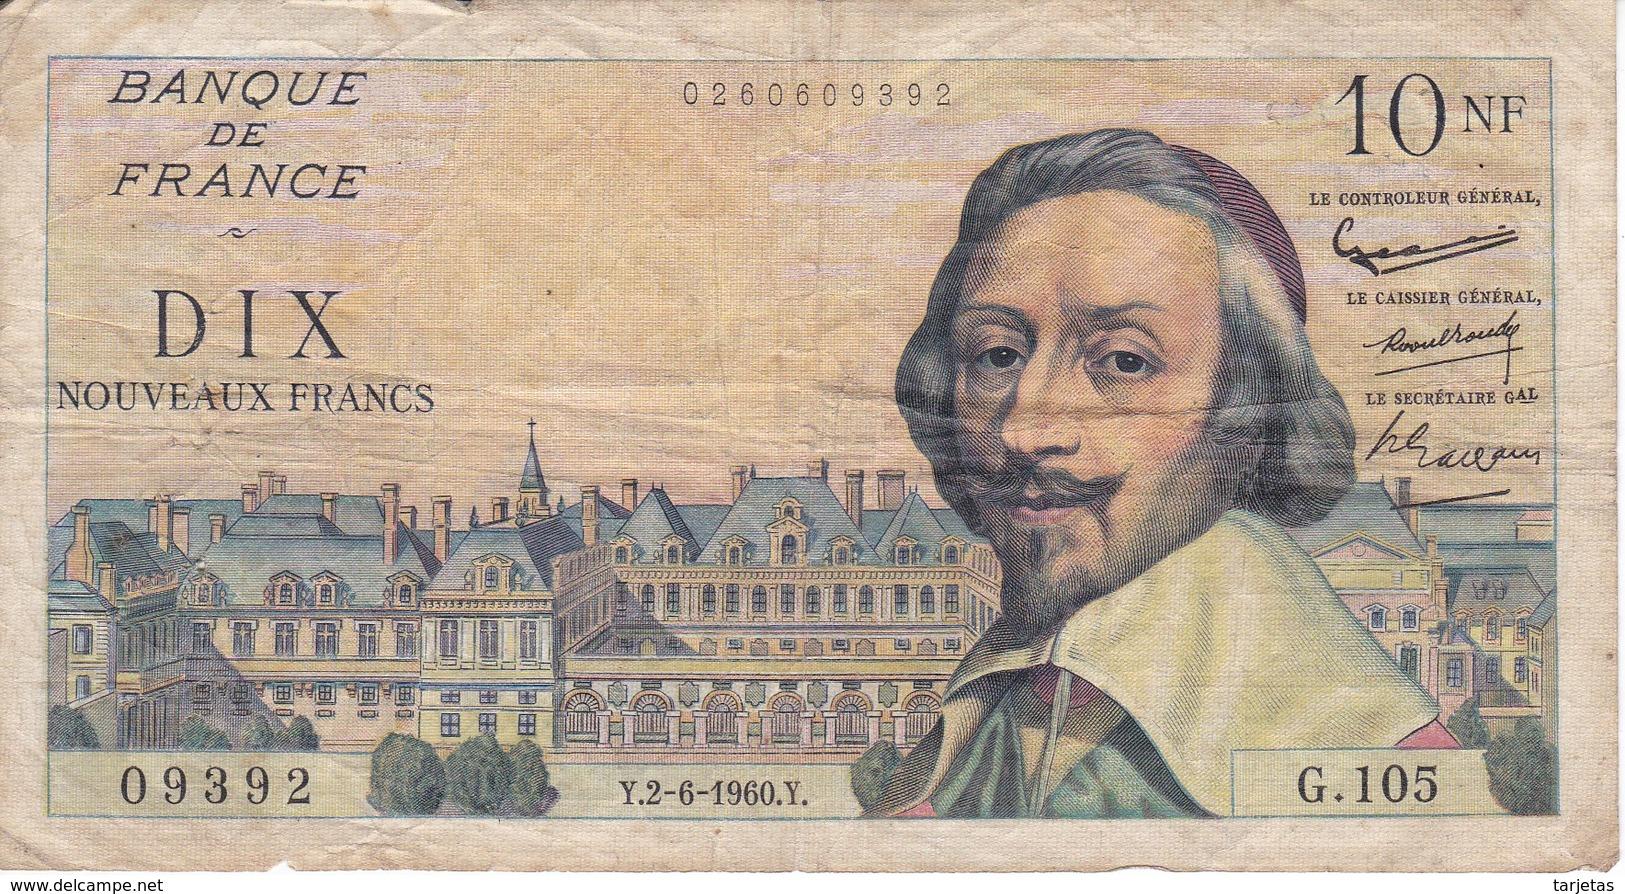 BILLETE DE FRANCIA DE 10 FRANCOS DEL 2-6-1960 RICHELIEU (BANKNOTE) - 1959-1966 Francos Nuevos